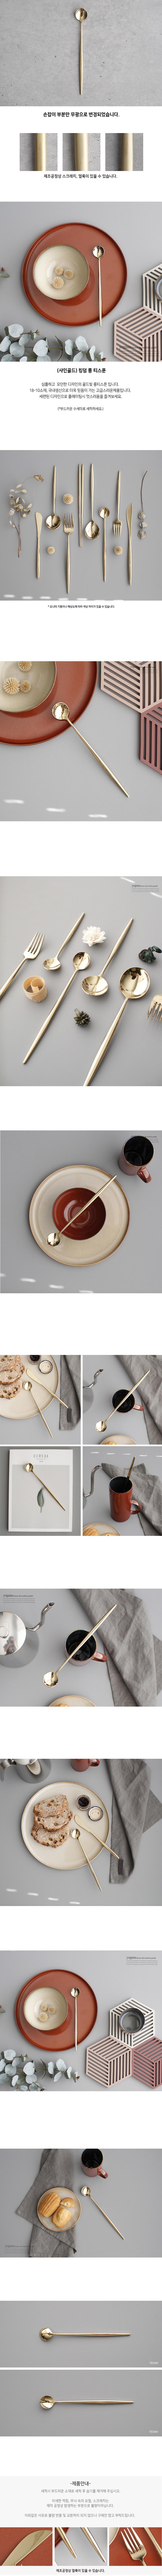 (샤인골드) 롱 티스푼 - 체리하우스, 8,500원, 양식기 세트, 양식기 세트